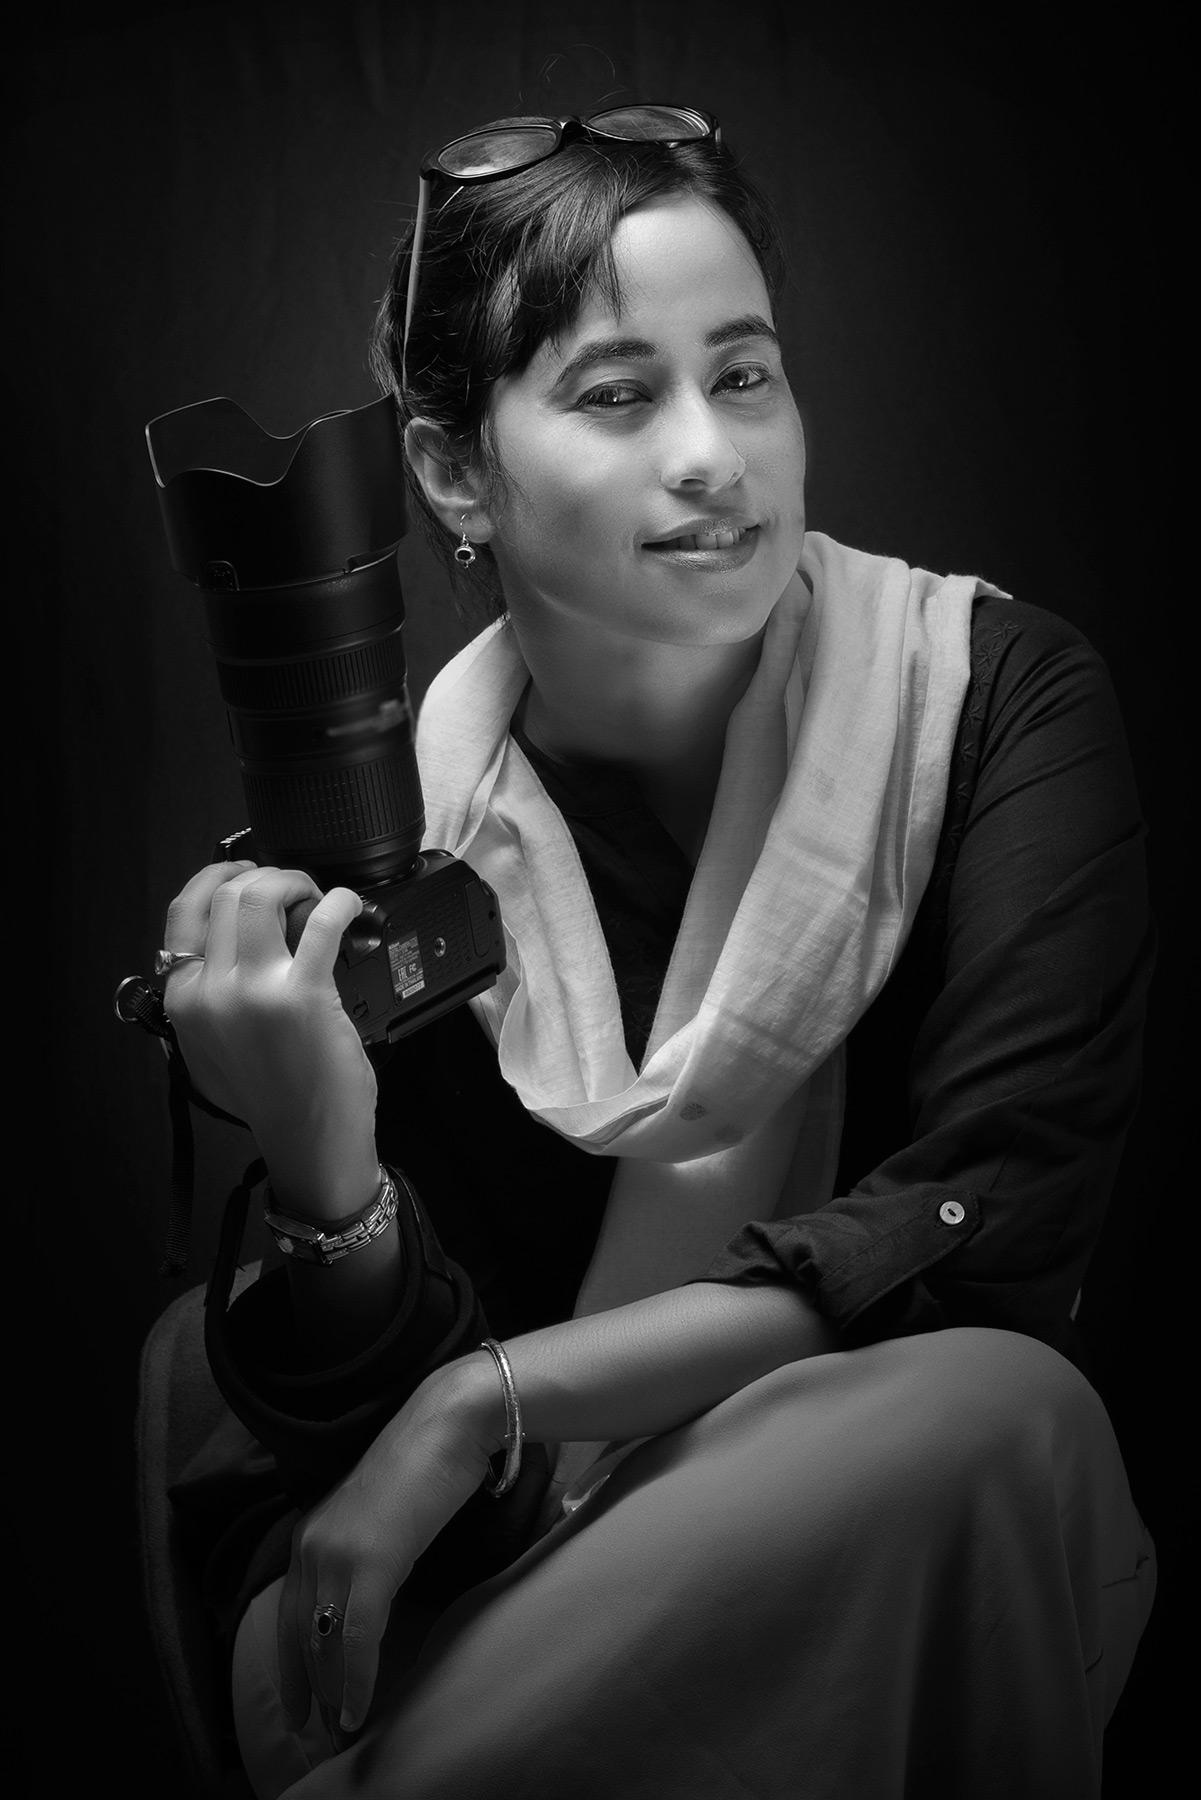 Tania Chatterjee- Nikon Expertive